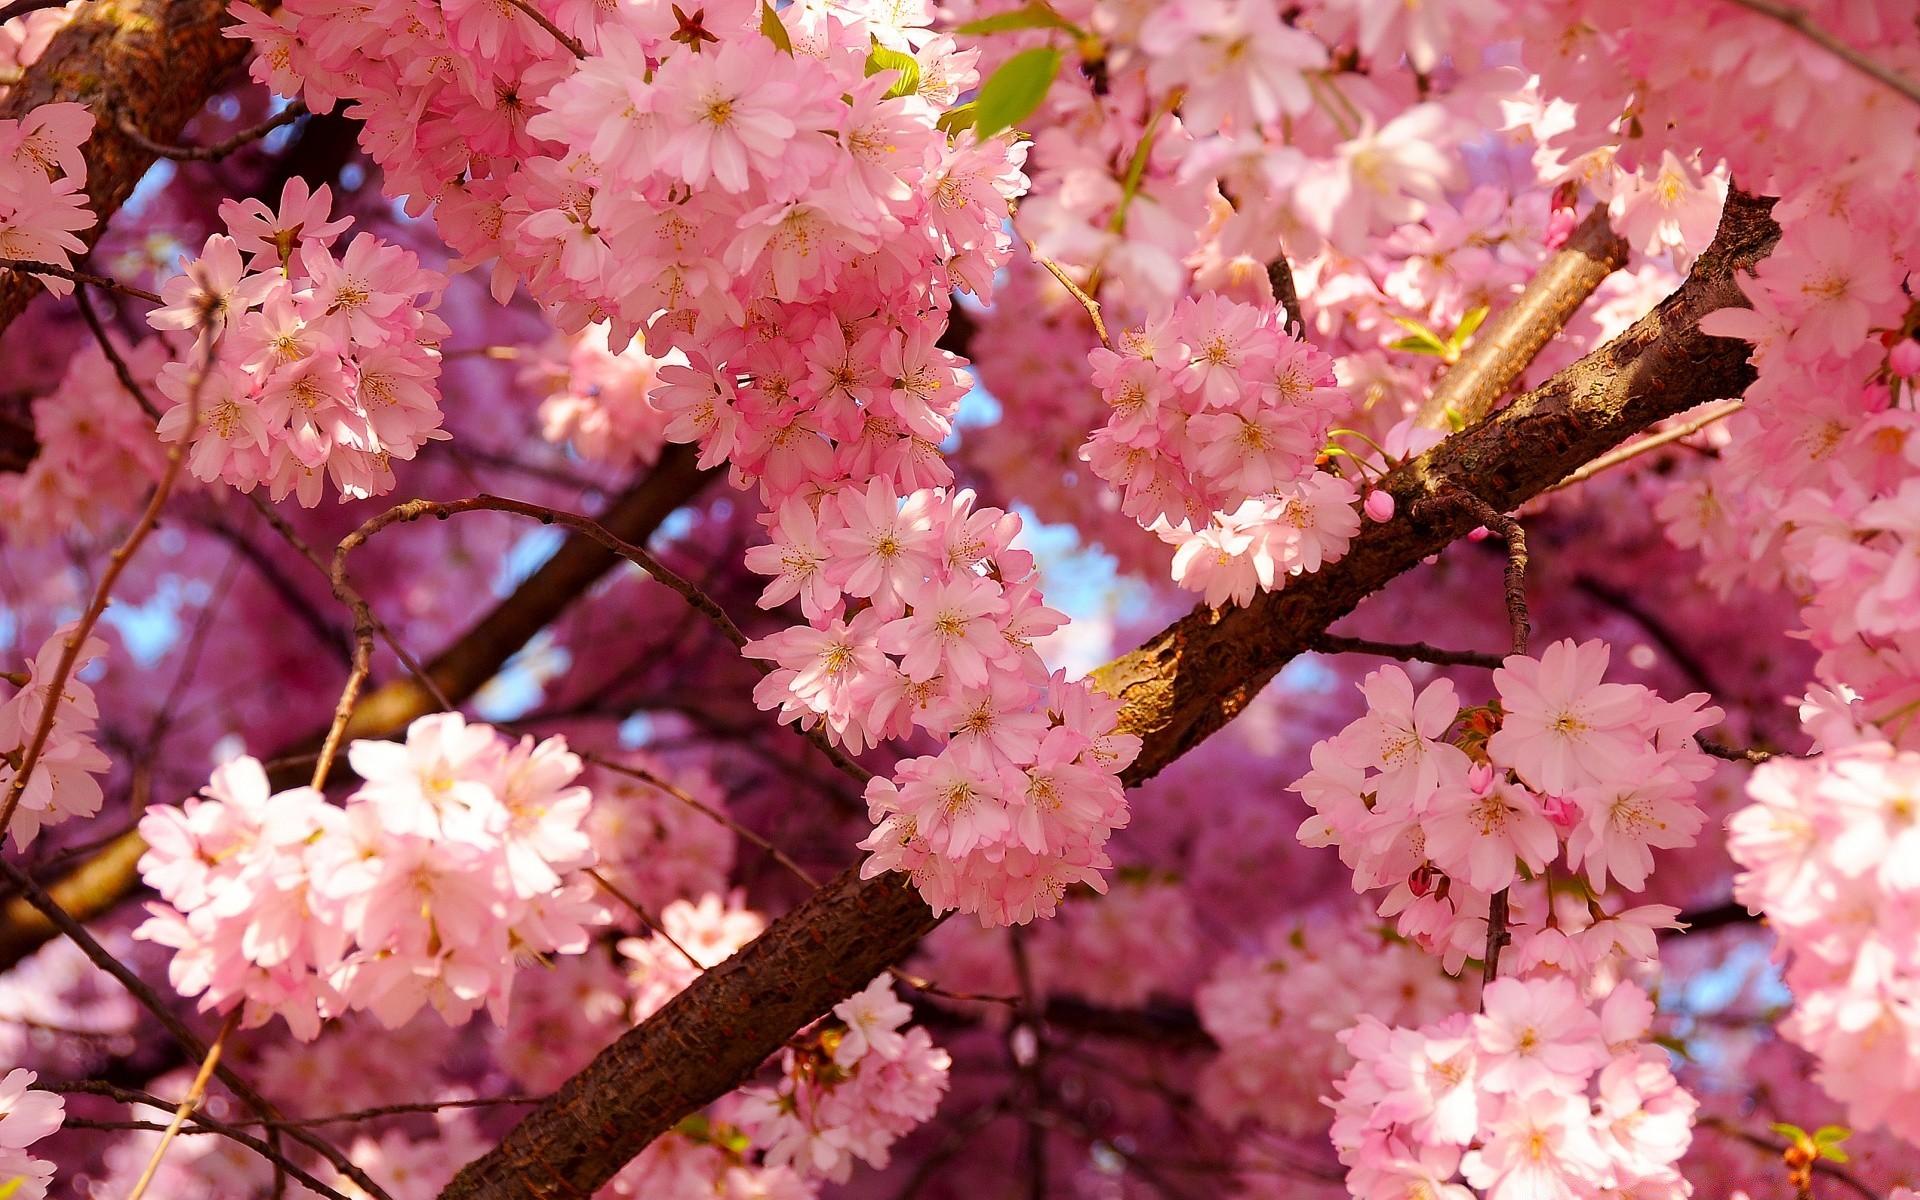 Цветы сакура живой купить, белых роз смотреть